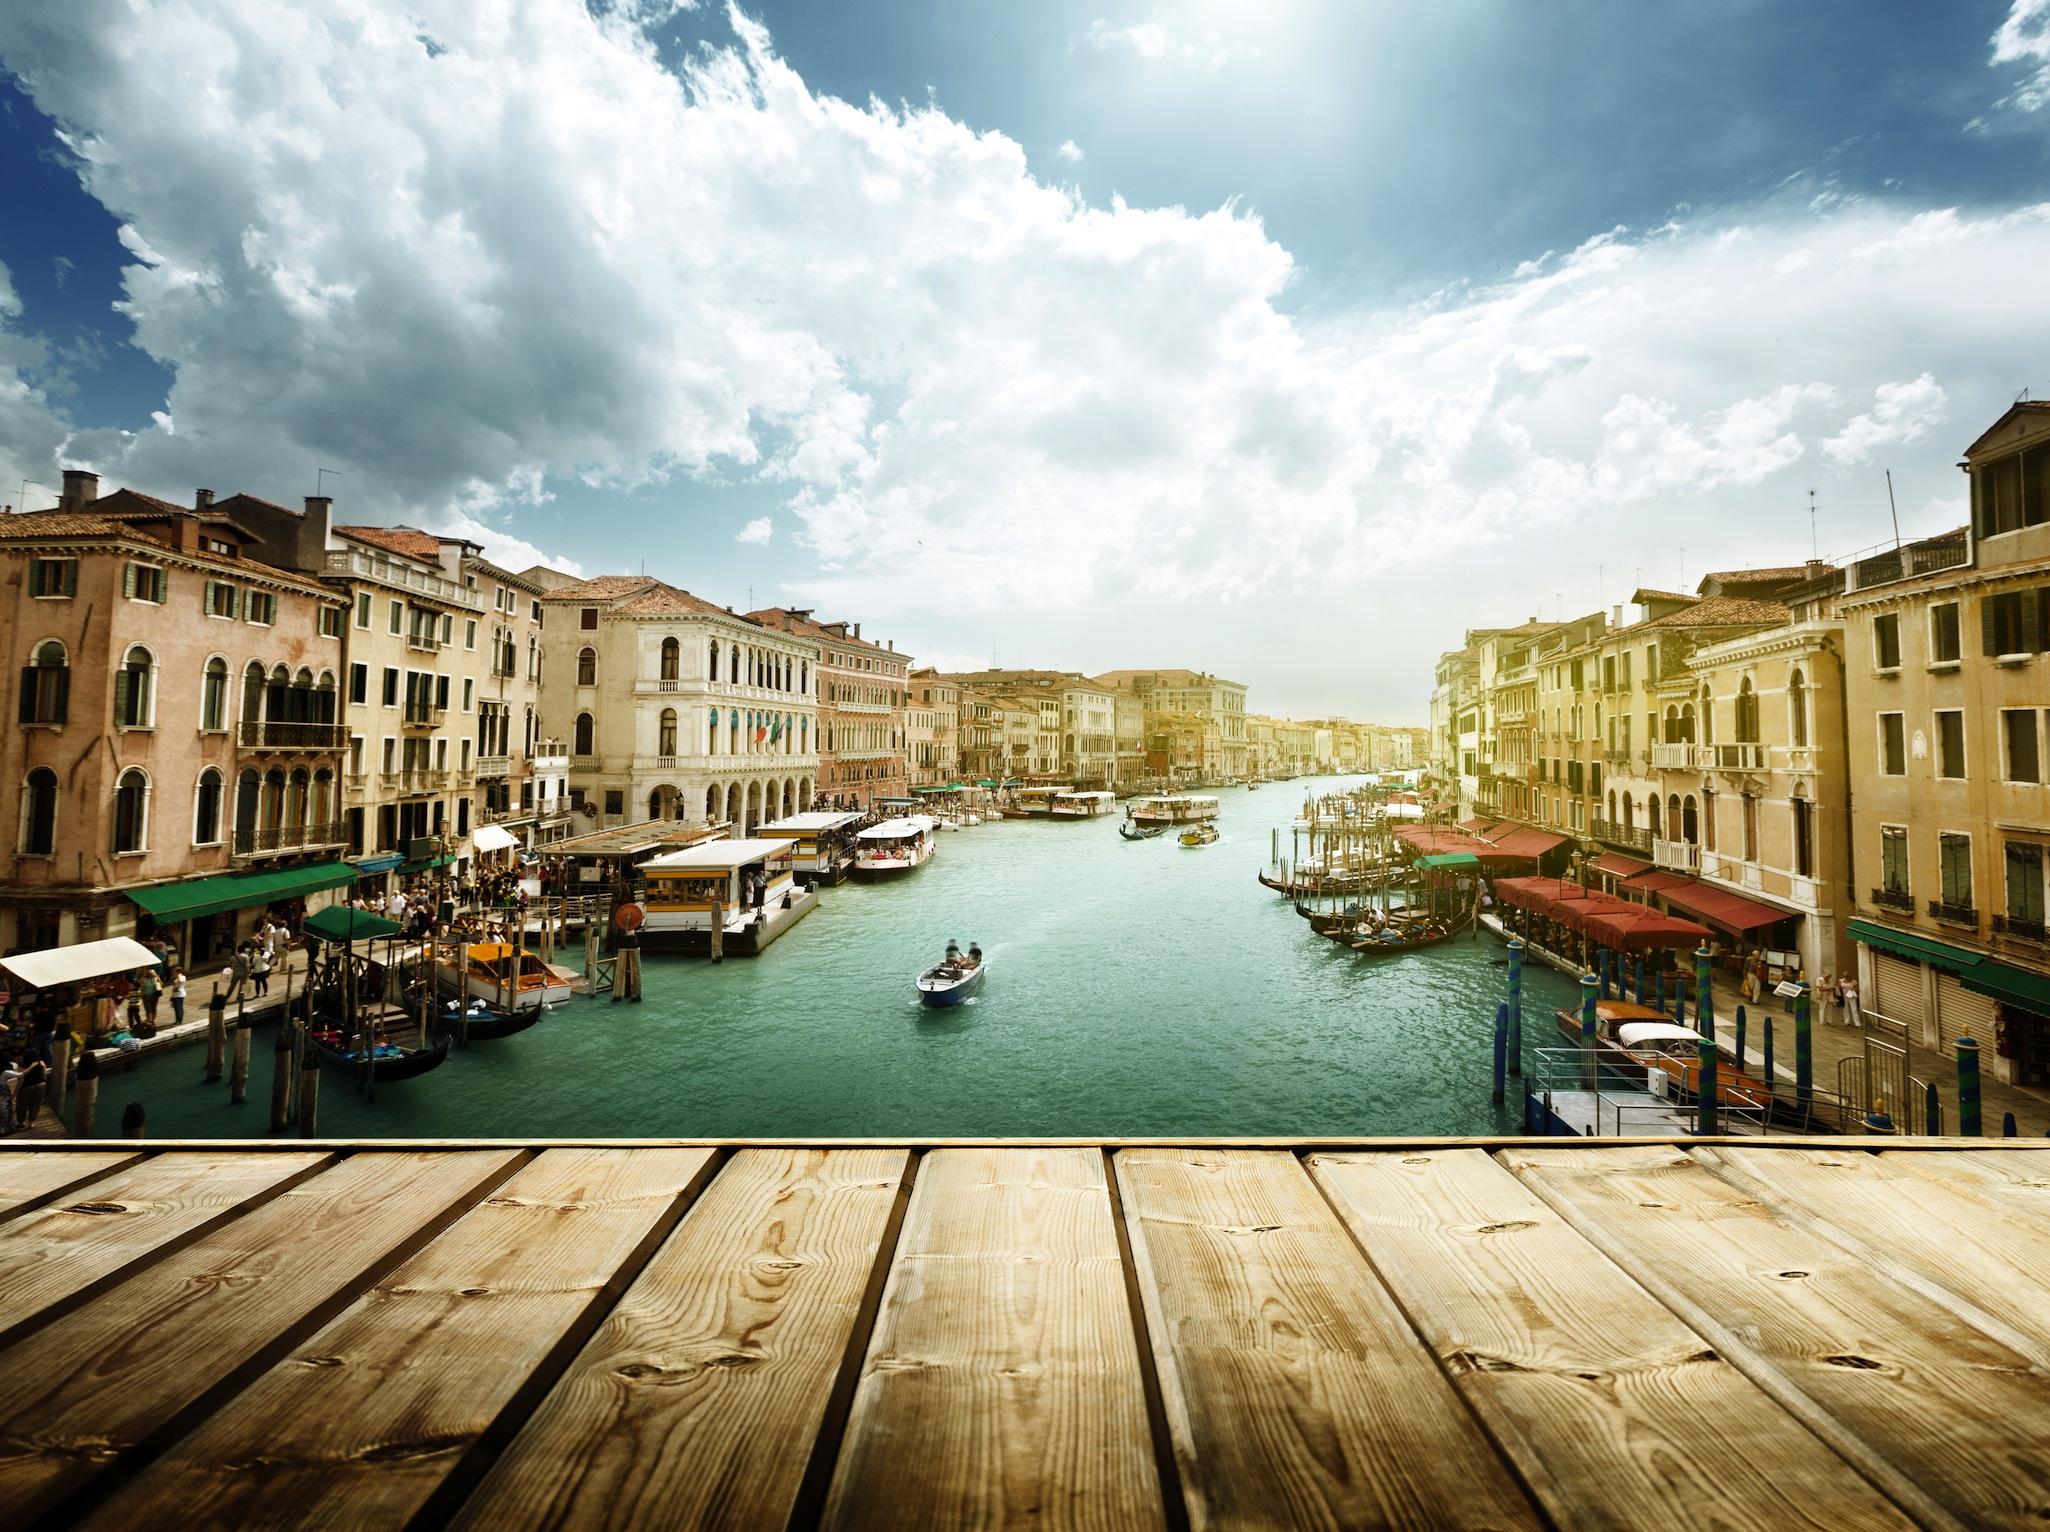 Vue de Venise depuis la terrasse papiers peints photo